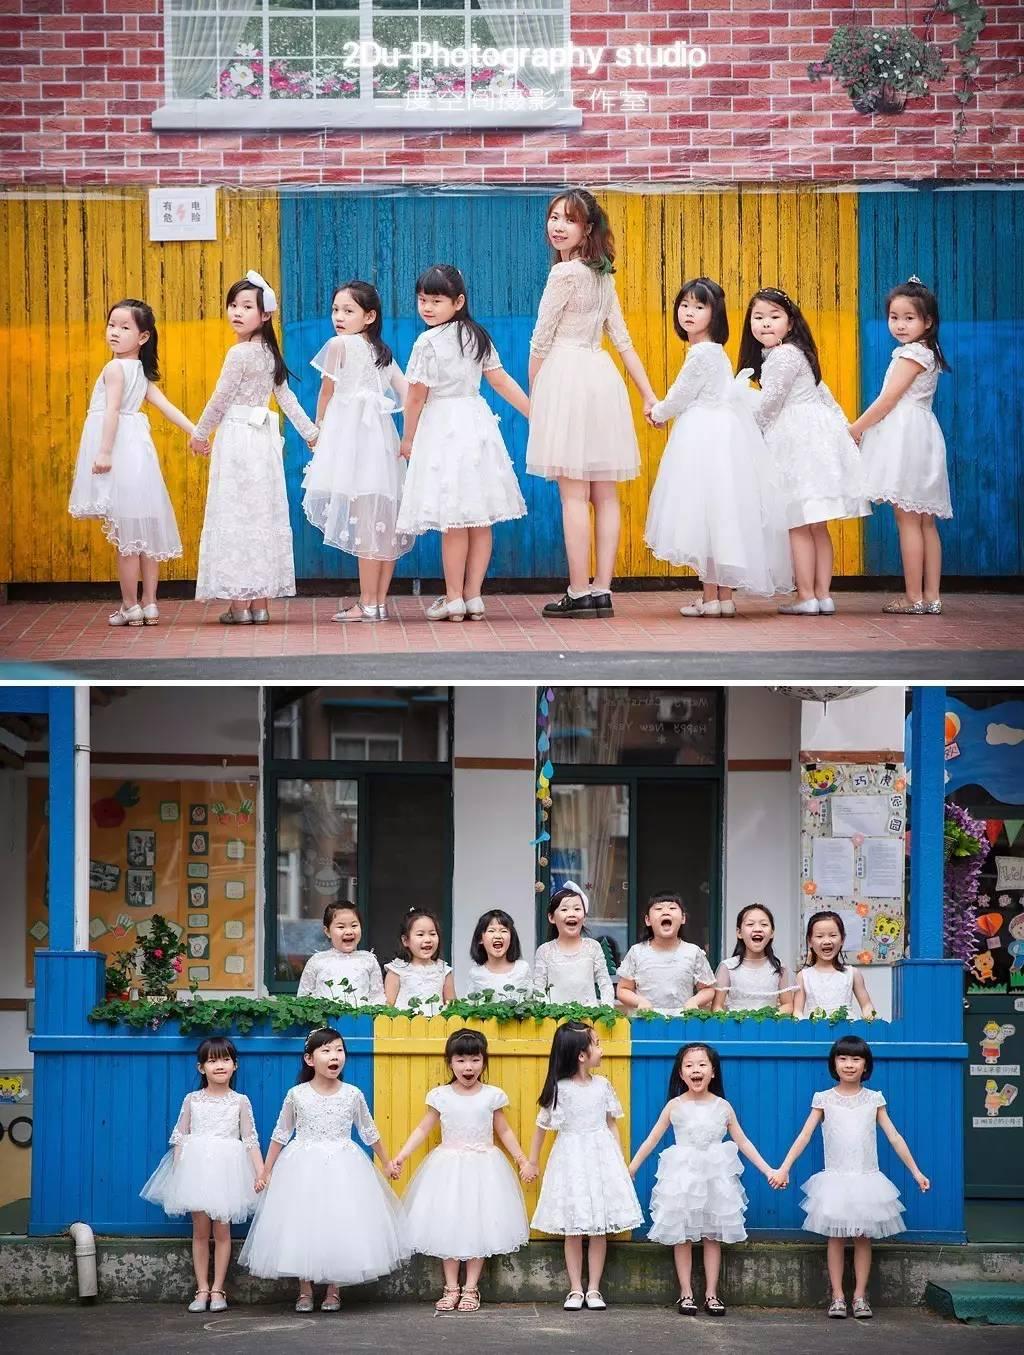 最近一组幼儿园毕业照拍摄,             儿园毕业照最近陆续图片